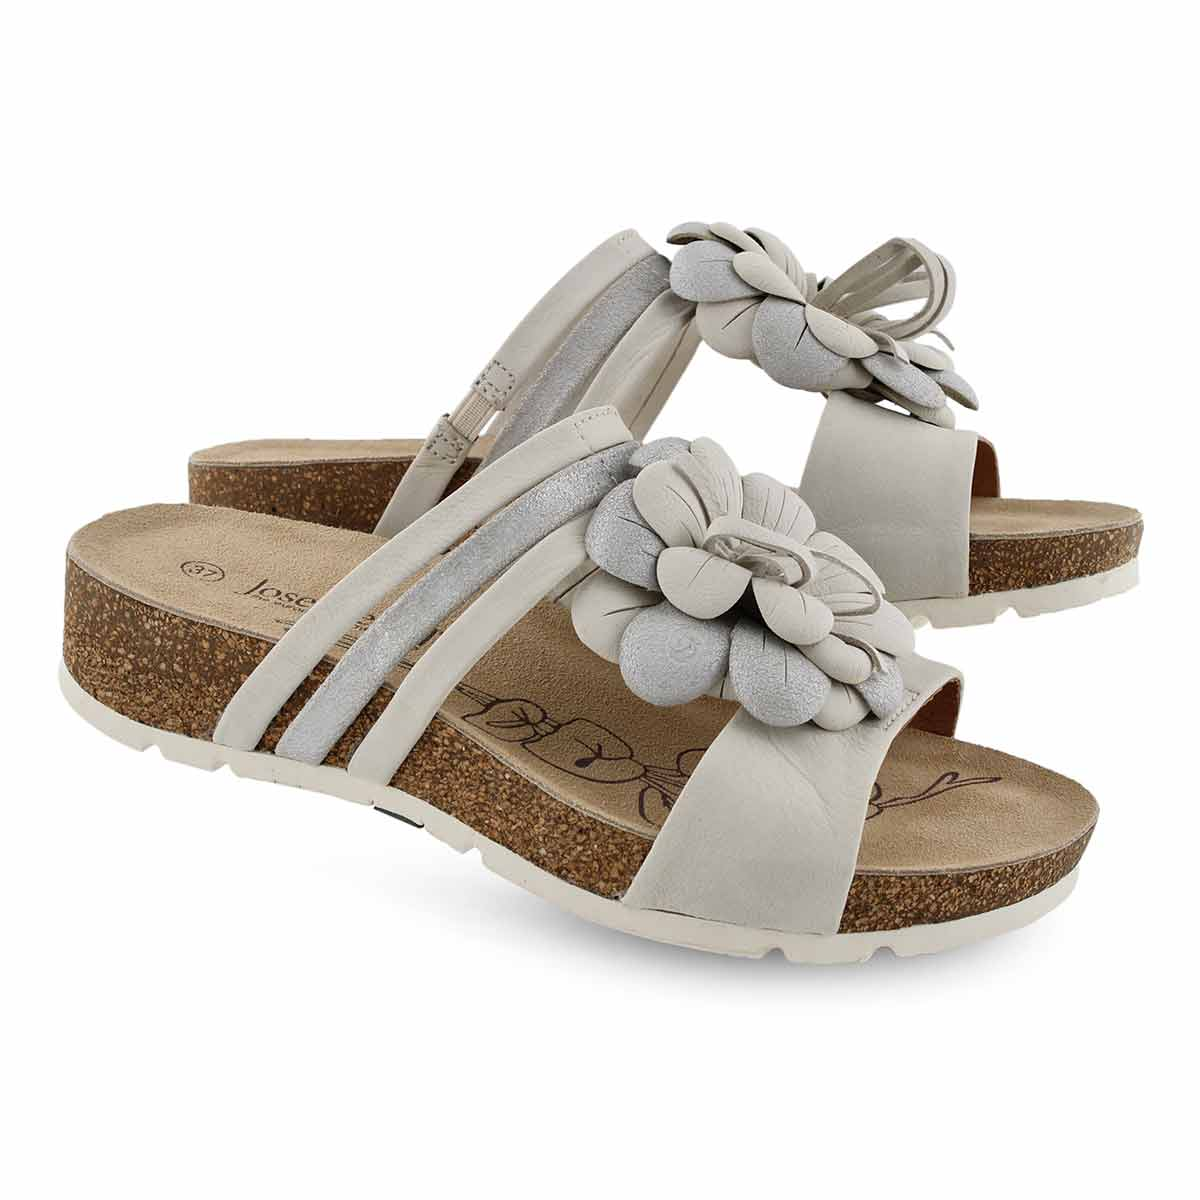 Lds Tilda 10 off white slide sandal